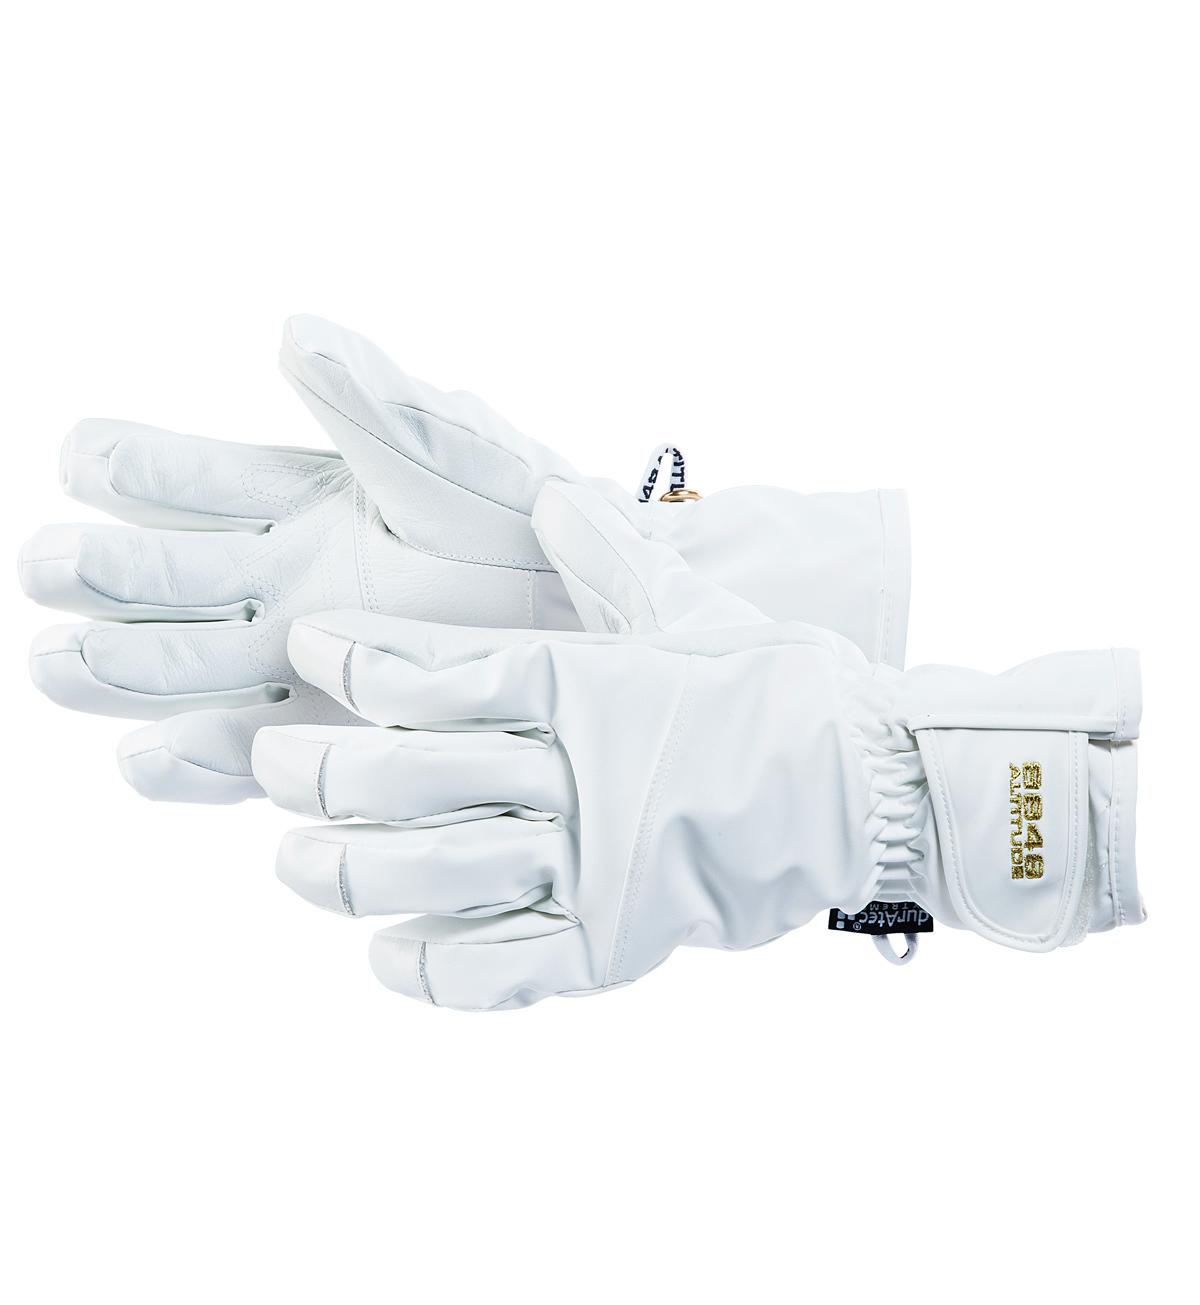 Перчатки 8848 Altitude Blaise женские White